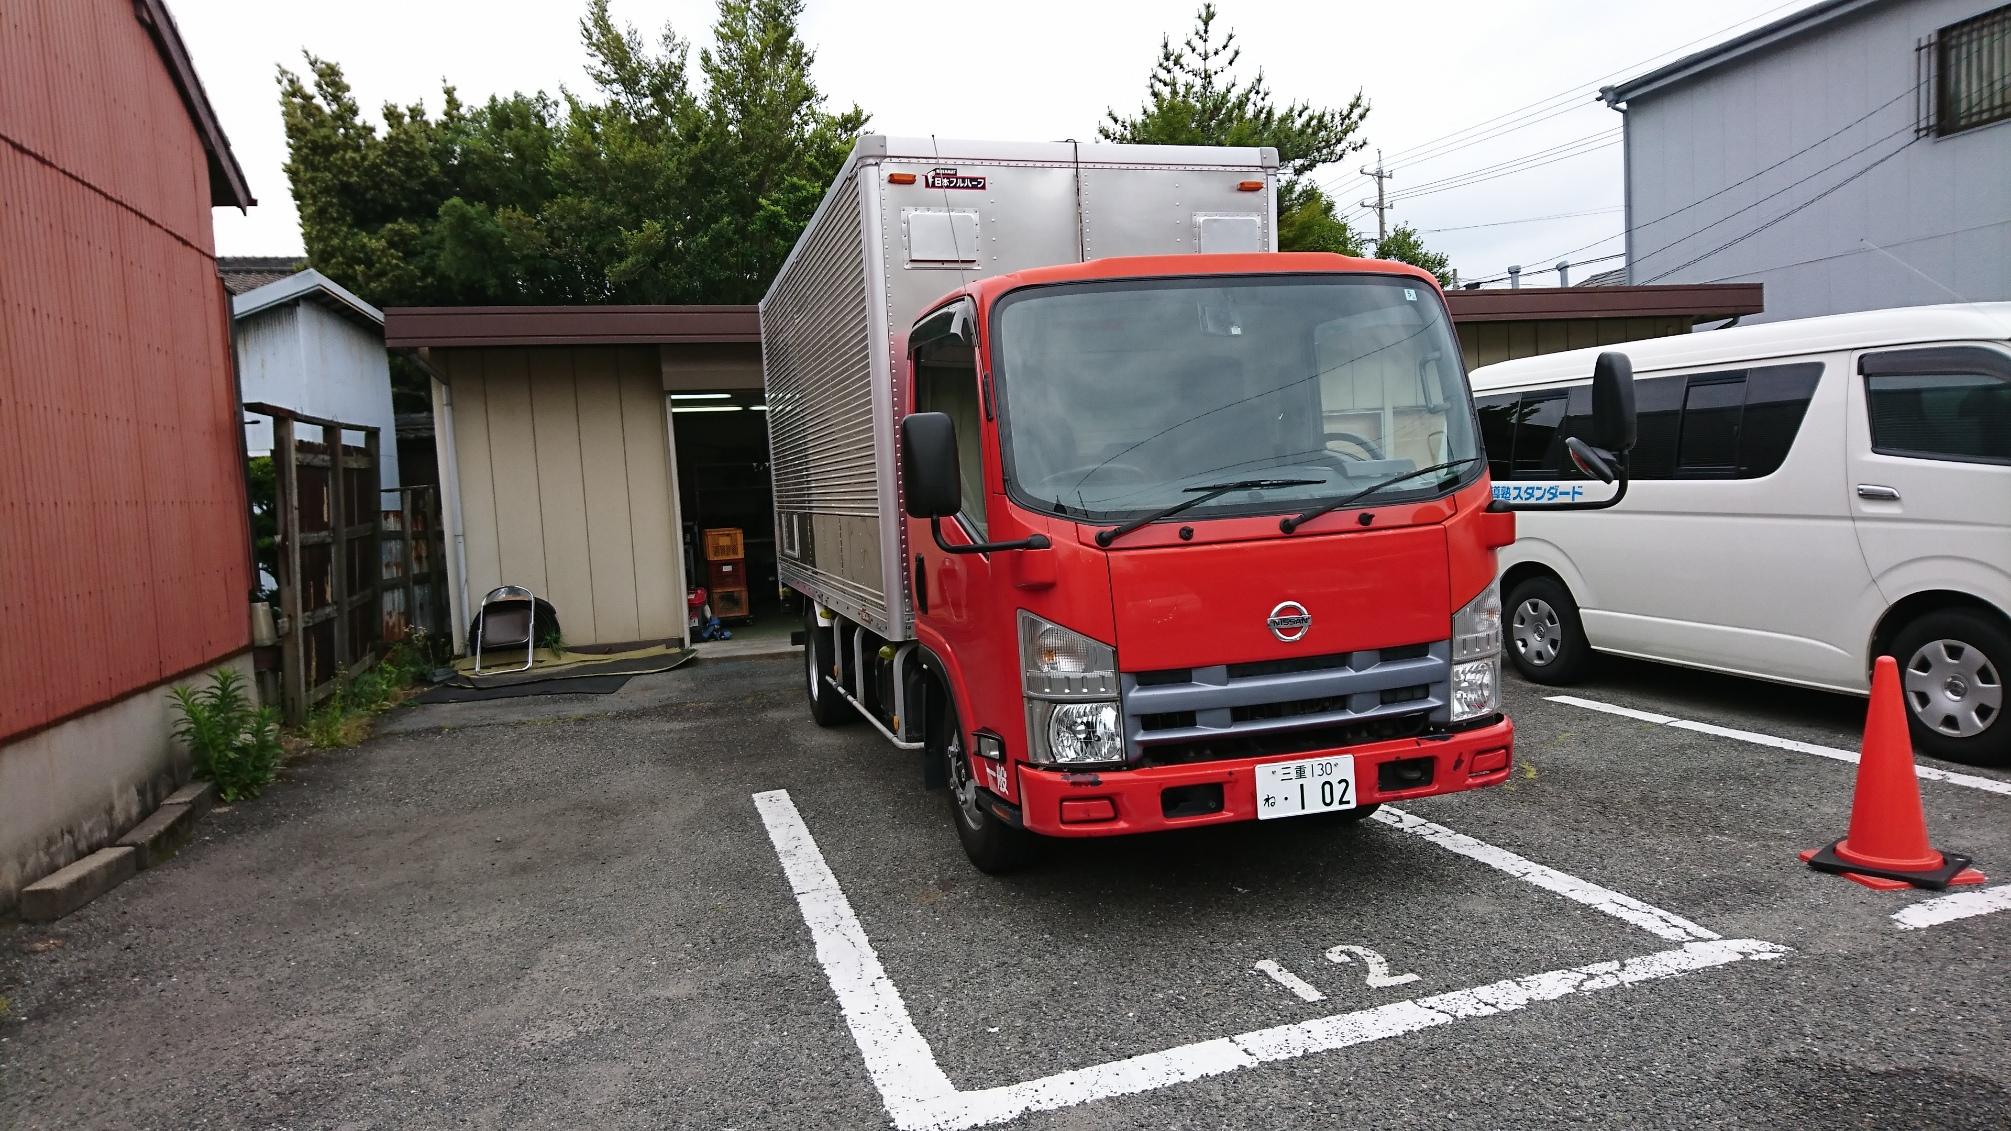 トラックのレンタル 販売 買取 全国各地でトラックの登録の事ならアイケイアール